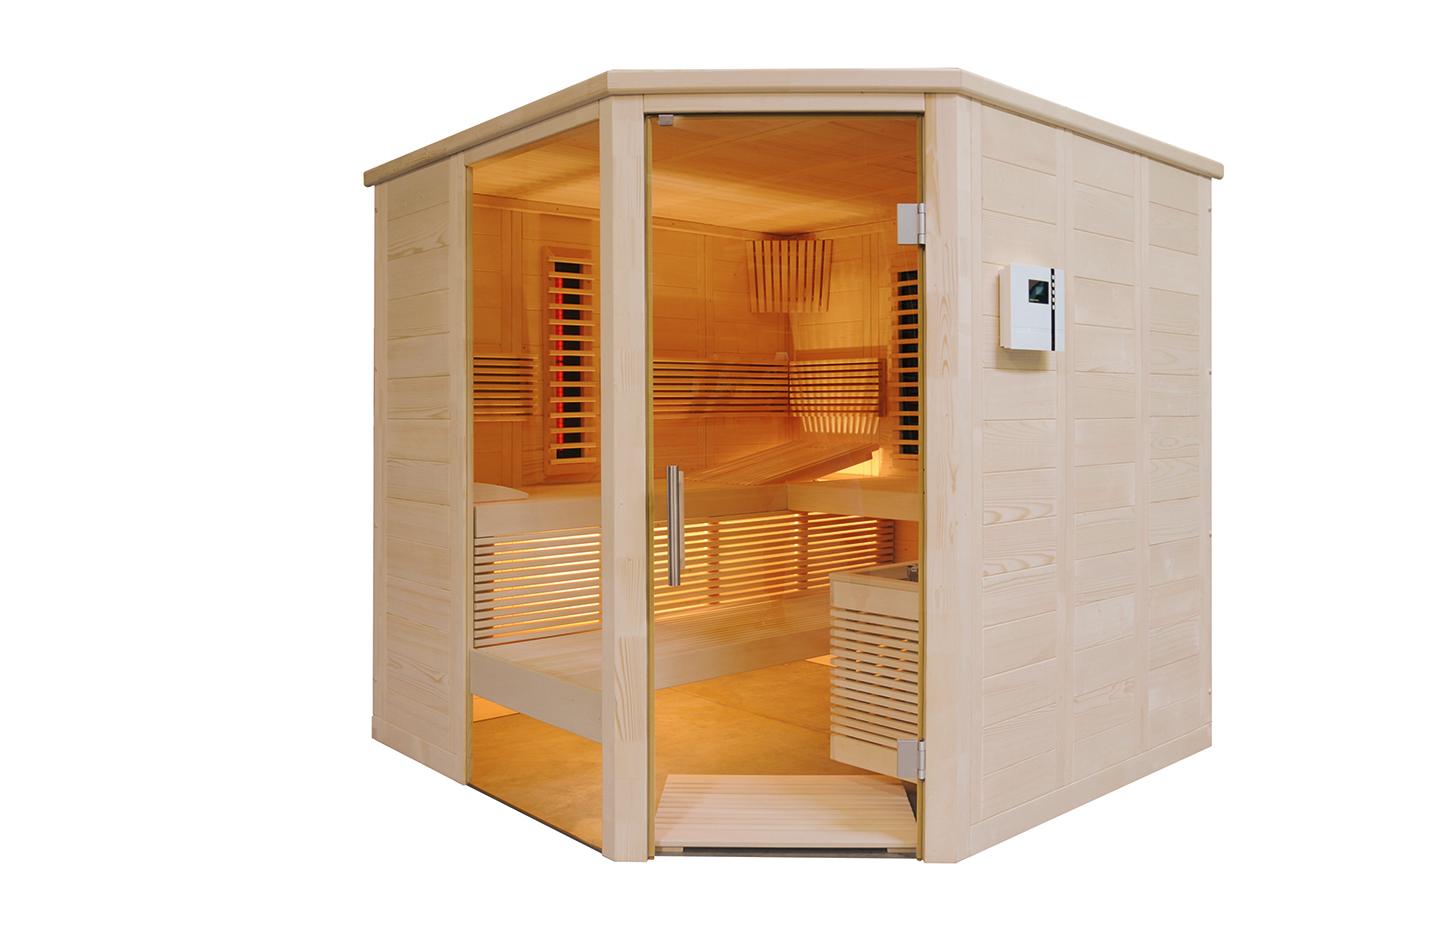 Full Size of Sauna Selber Bauen Bausatz Ohne Selbst 40409 Velux Fenster Einbauen Küche Boxspring Bett Regale 140x200 Dusche Rolladen Nachträglich Einbauküche Wohnzimmer Sauna Selber Bauen Bausatz